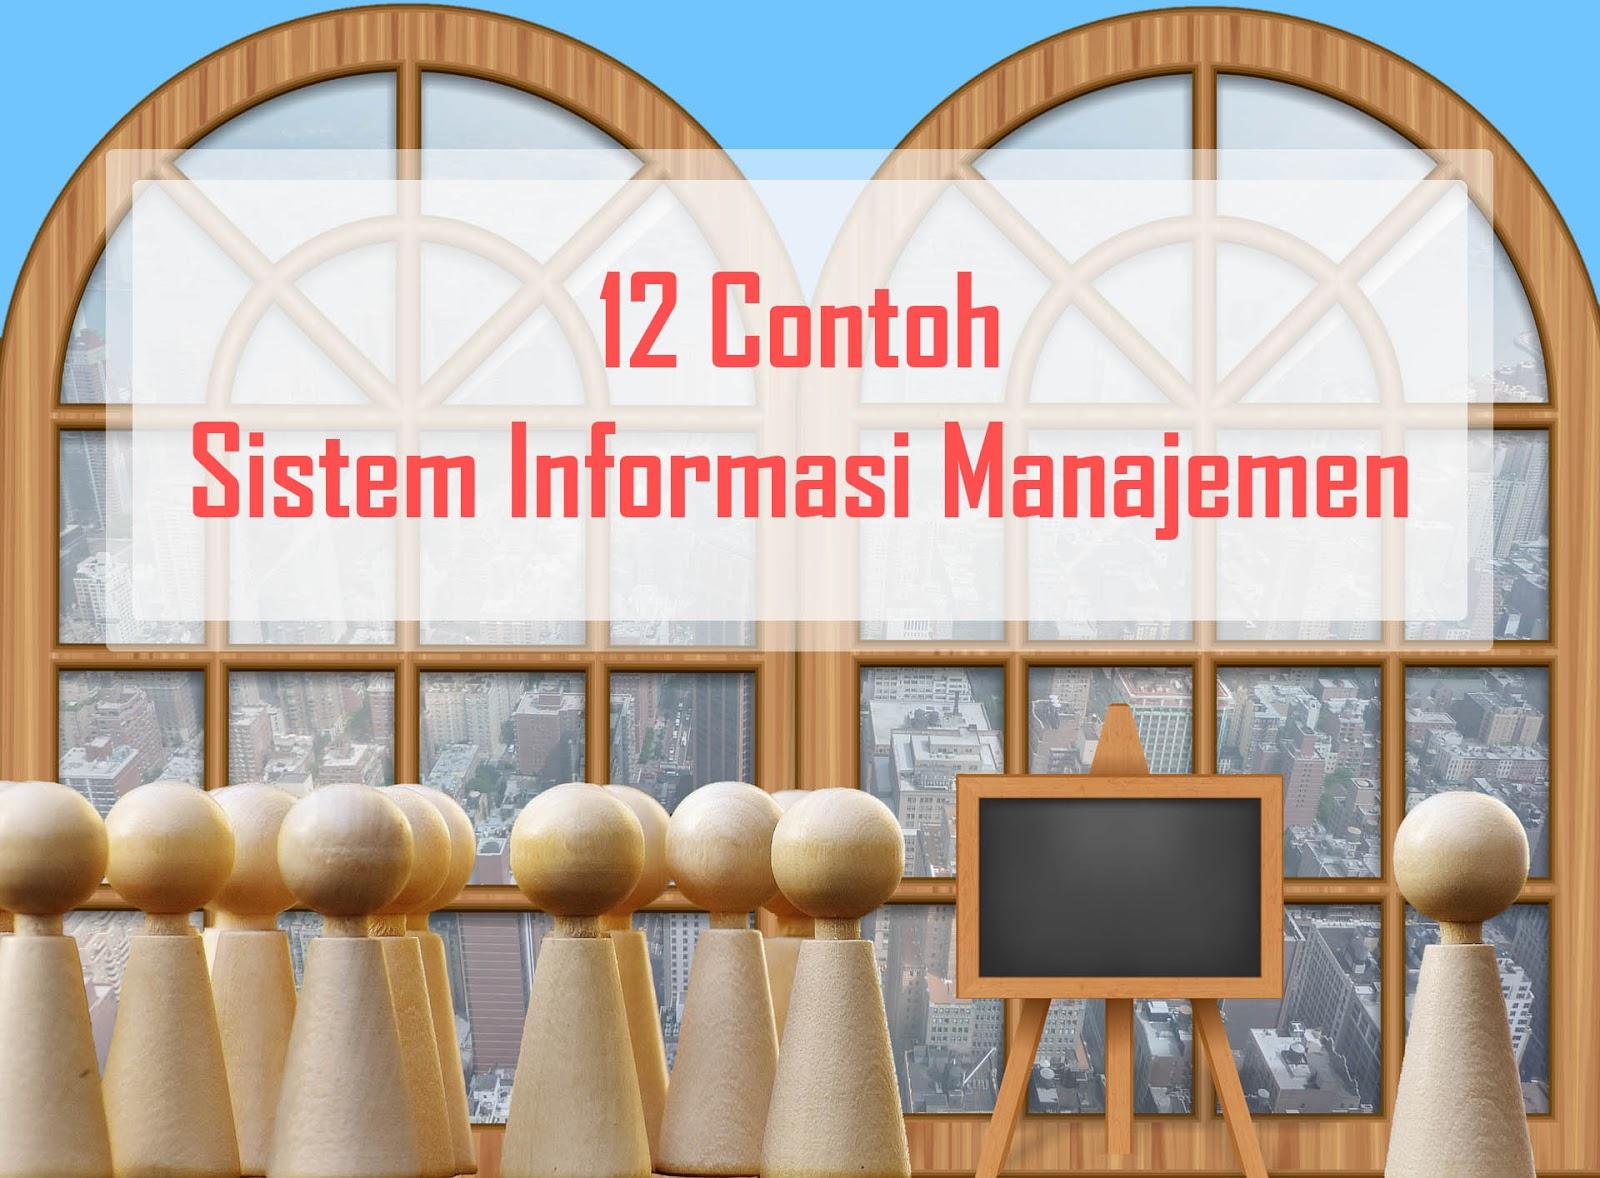 12 Contoh Sistem Informasi Manajemen dan Aplikasi Penerapannya ...